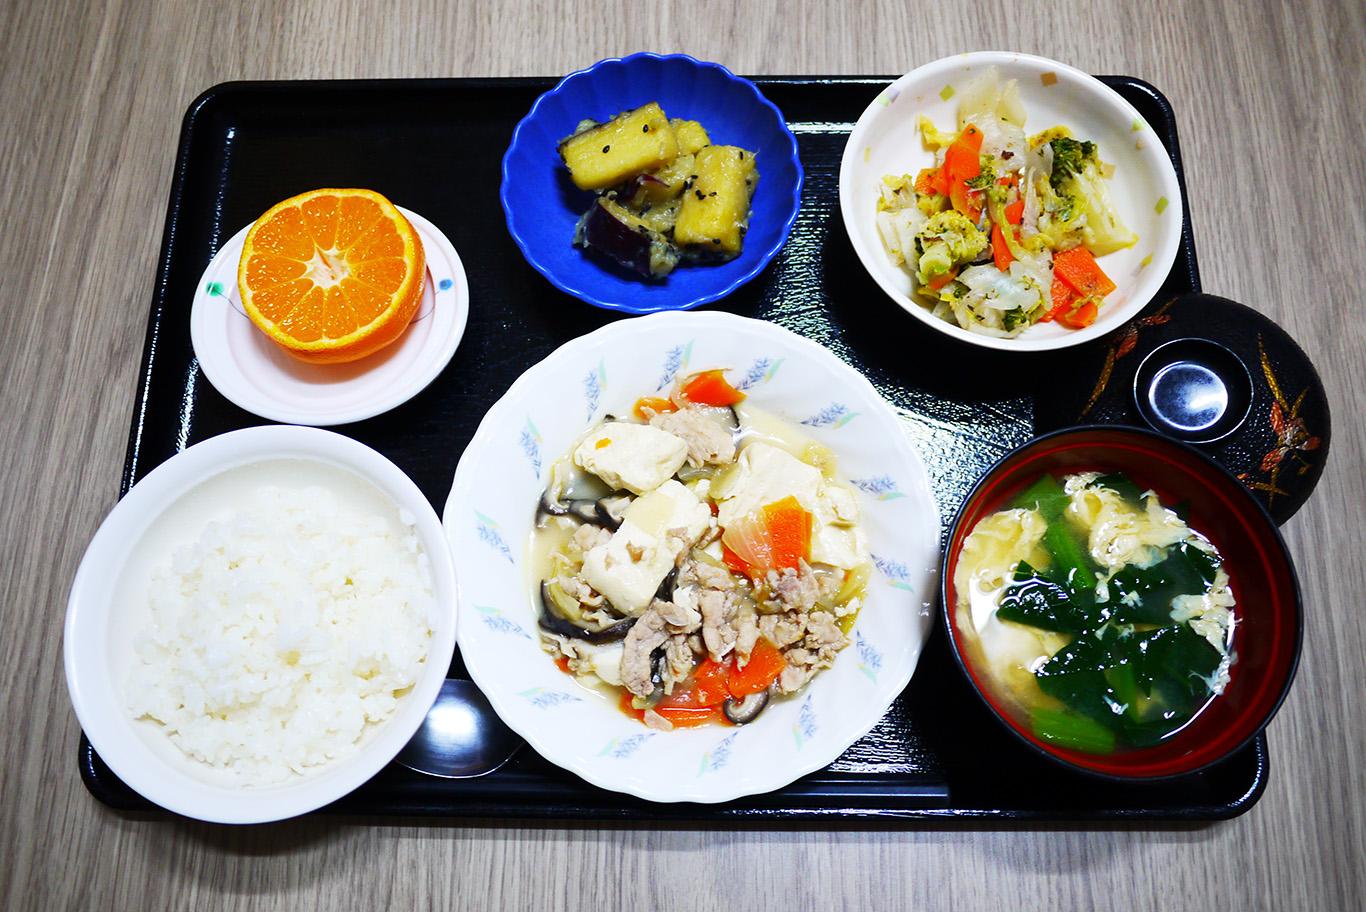 きょうのお昼ごはんは、肉豆腐、梅おかか和え、大学芋煮、みそ汁、果物でした。